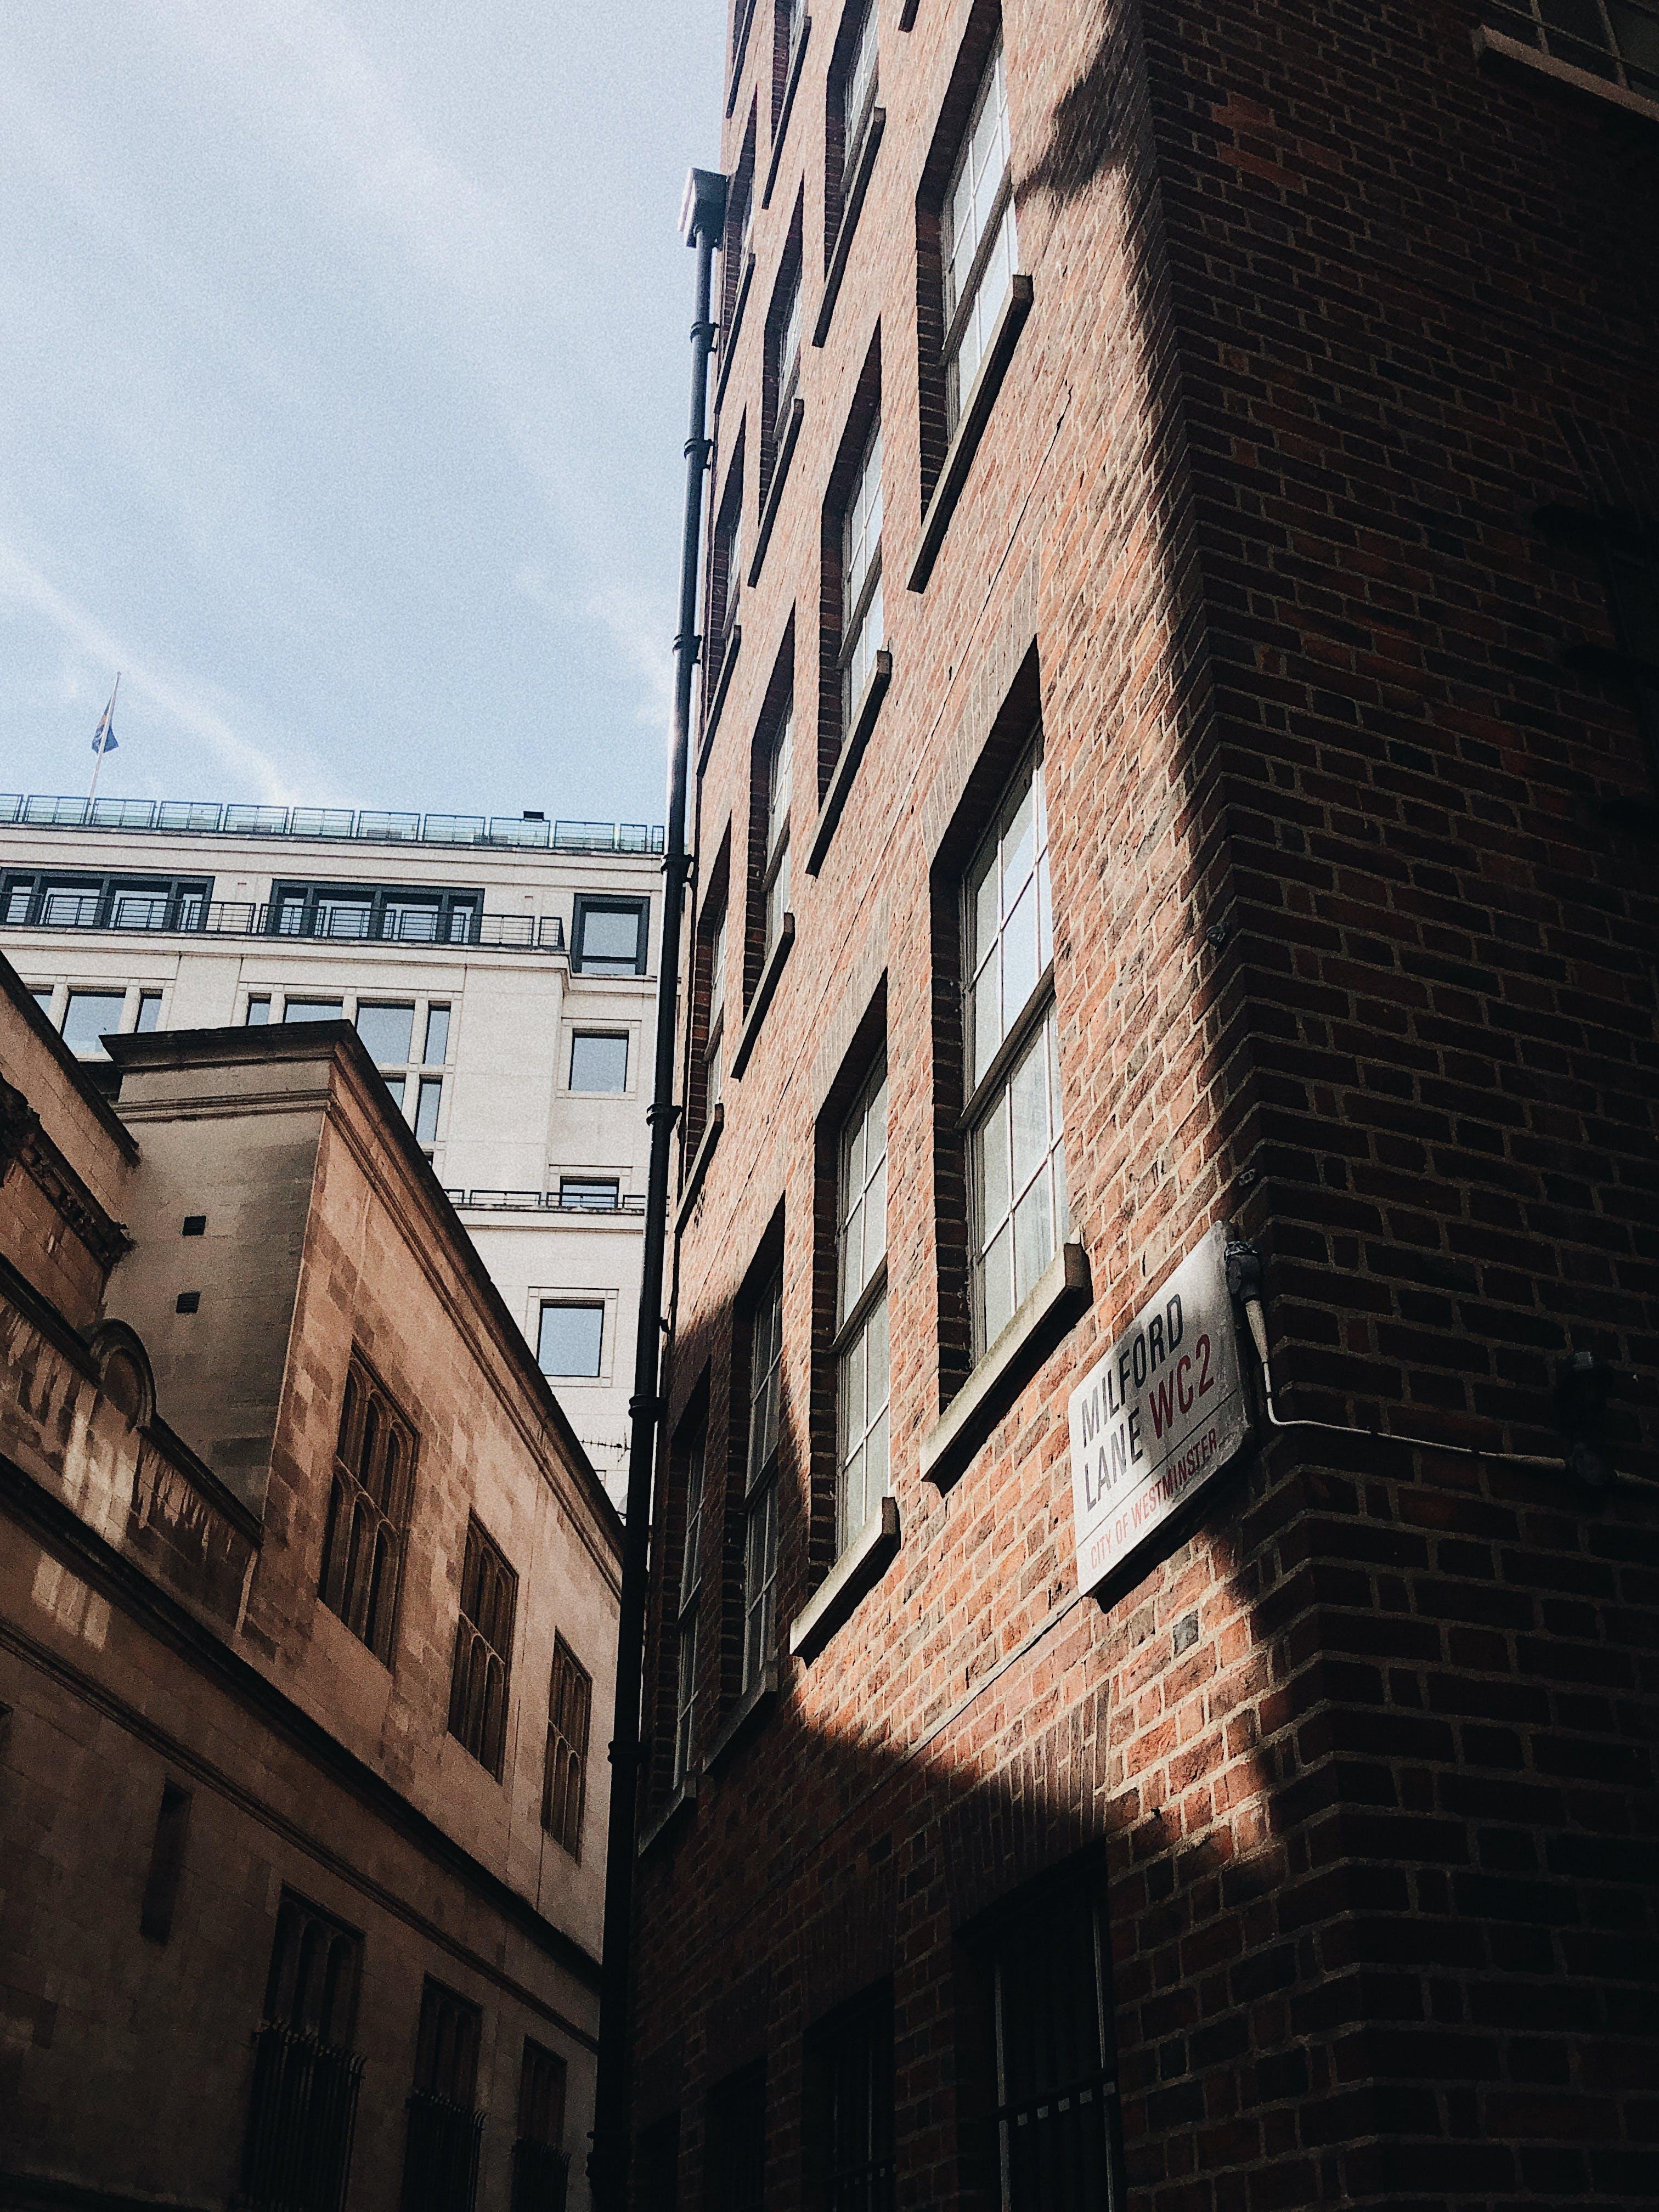 低角度拍攝, 公寓, 外觀, 建築設計 的 免費圖庫相片